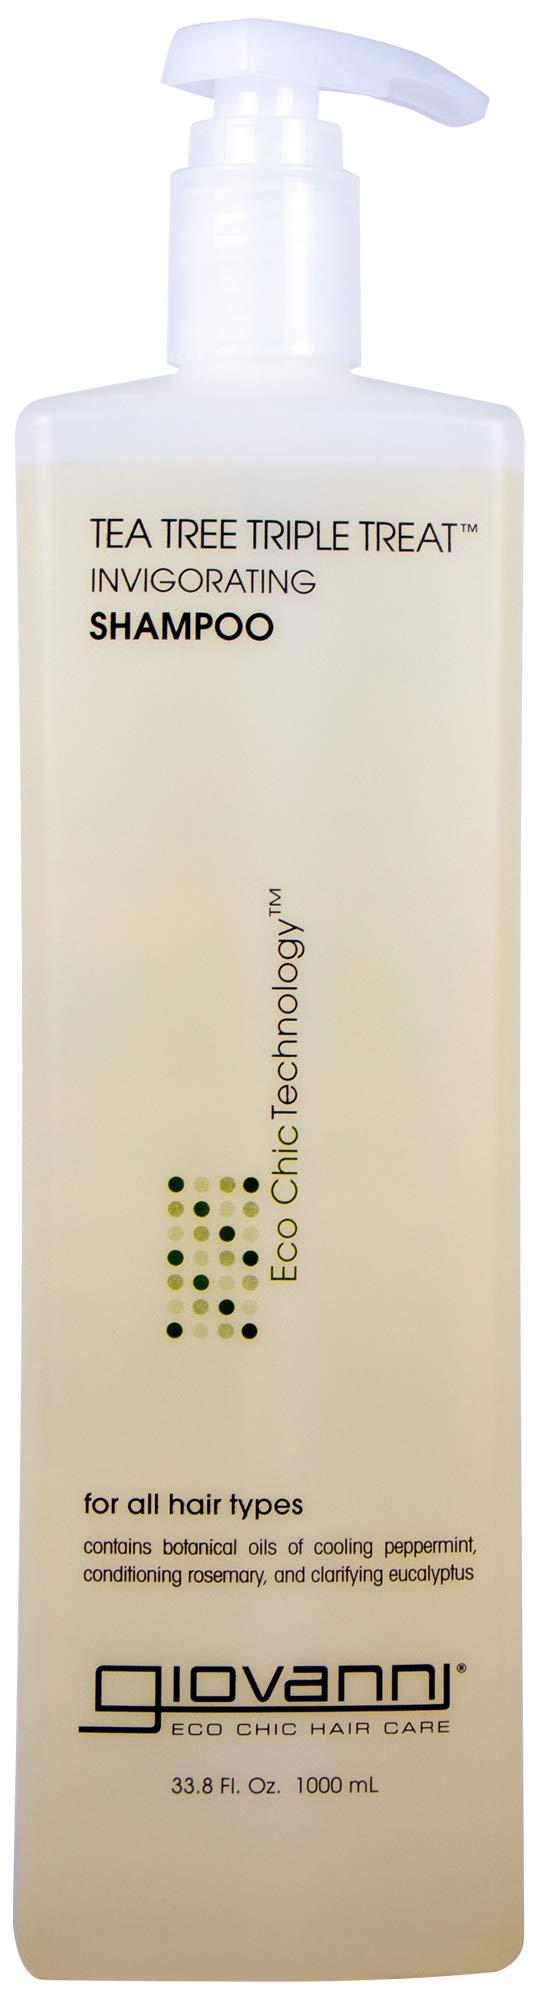 Giovanni Eco Chic Tea Tree Triple Treat - Invigorating Shampoo (33.8 Ounce) by GIOVANNI (Image #1)